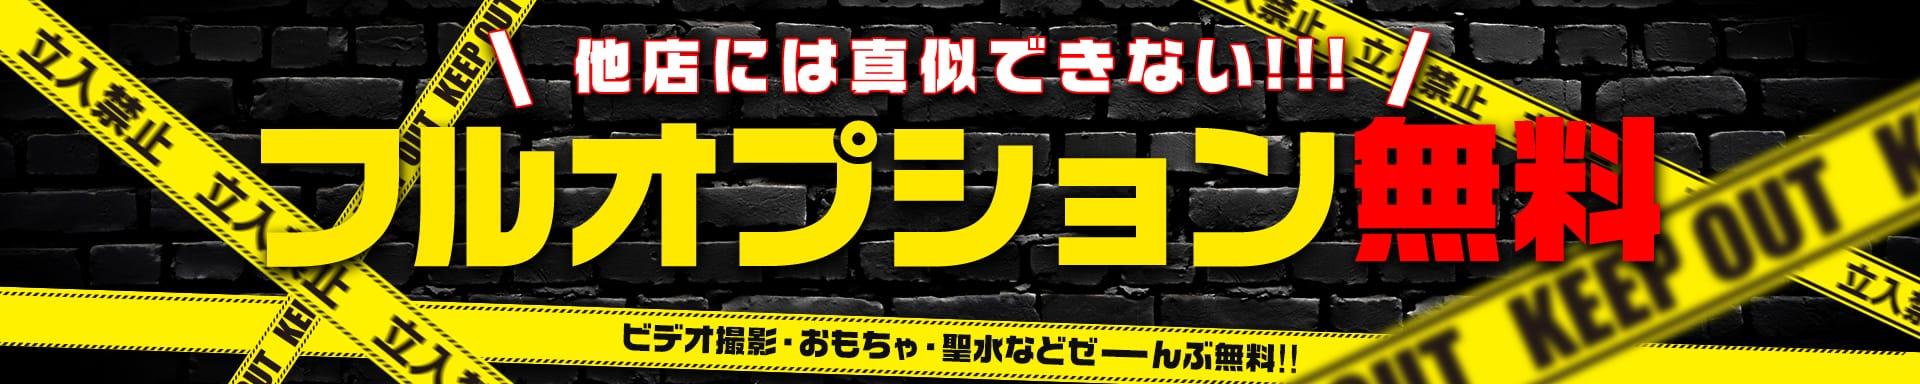 ブラボー☆元祖即プレイ専門店 その3